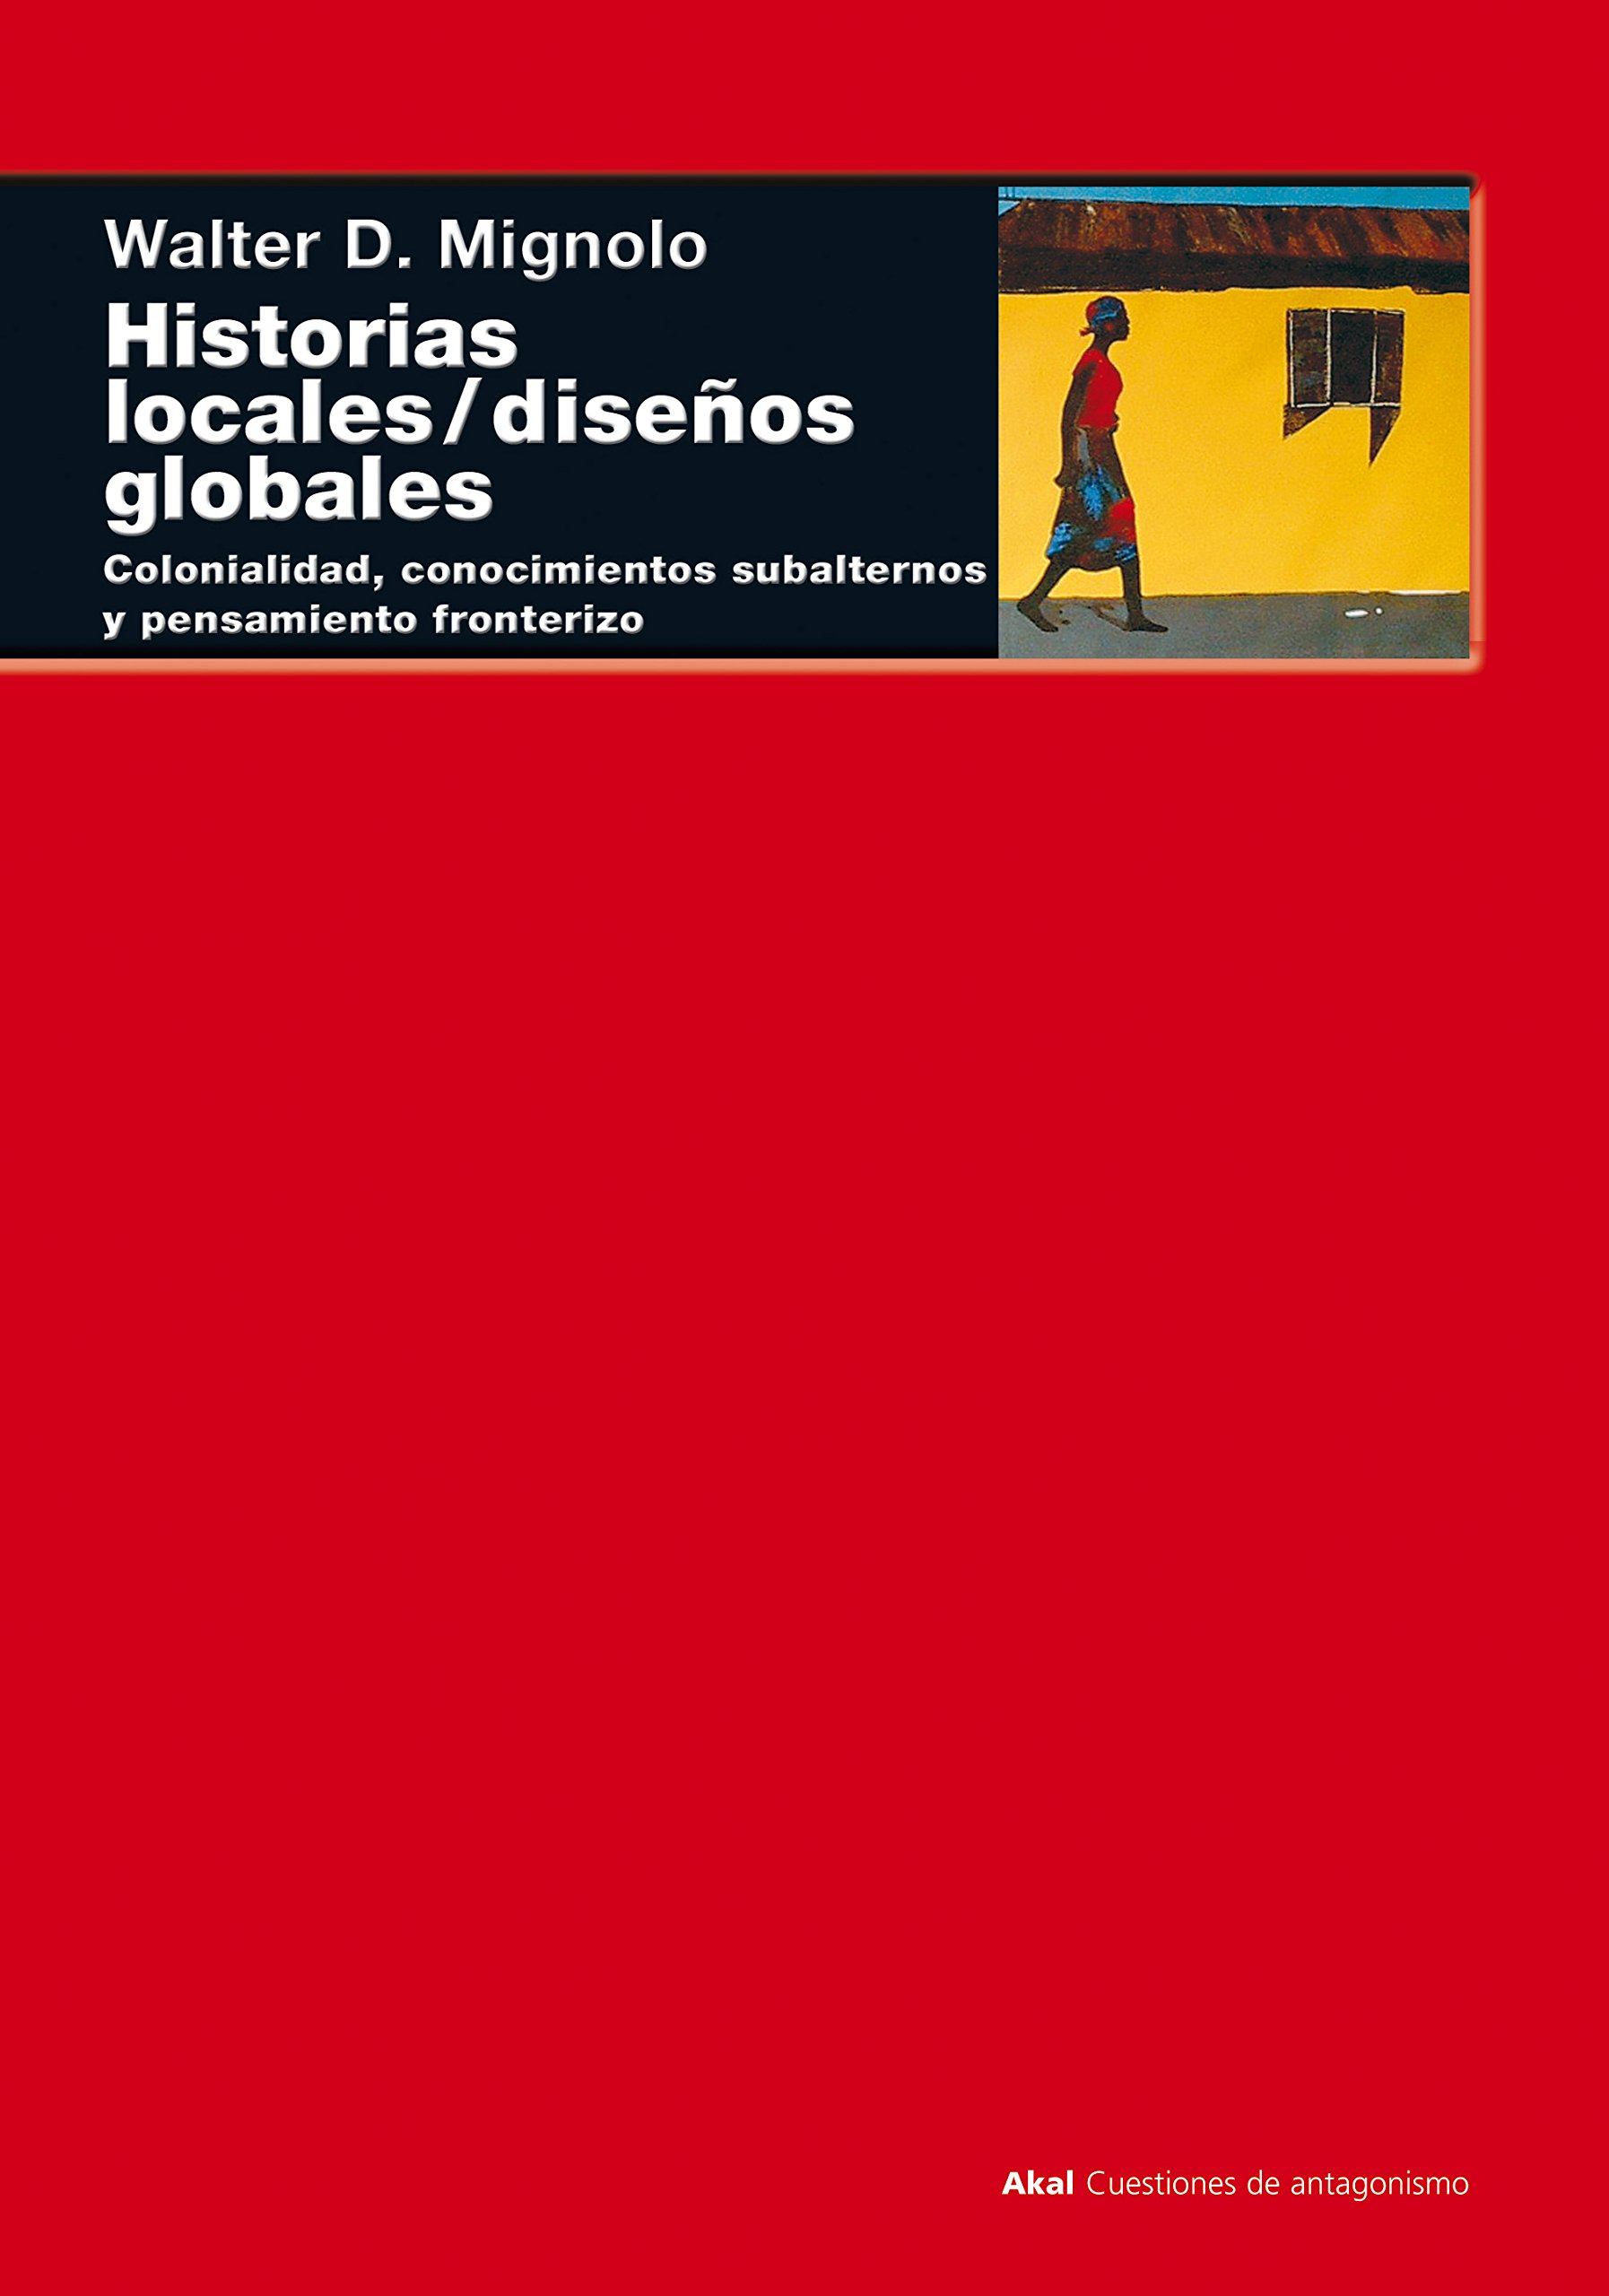 Historias locales / diseños globales: Colonialidad, conocimientos subalternos y pensamiento fronterizo (Cuestiones de antagonismo) Tapa blanda – 7 abr 2003 Walter D. Mignolo Cristina Vega Solís Ediciones Akal S.A.